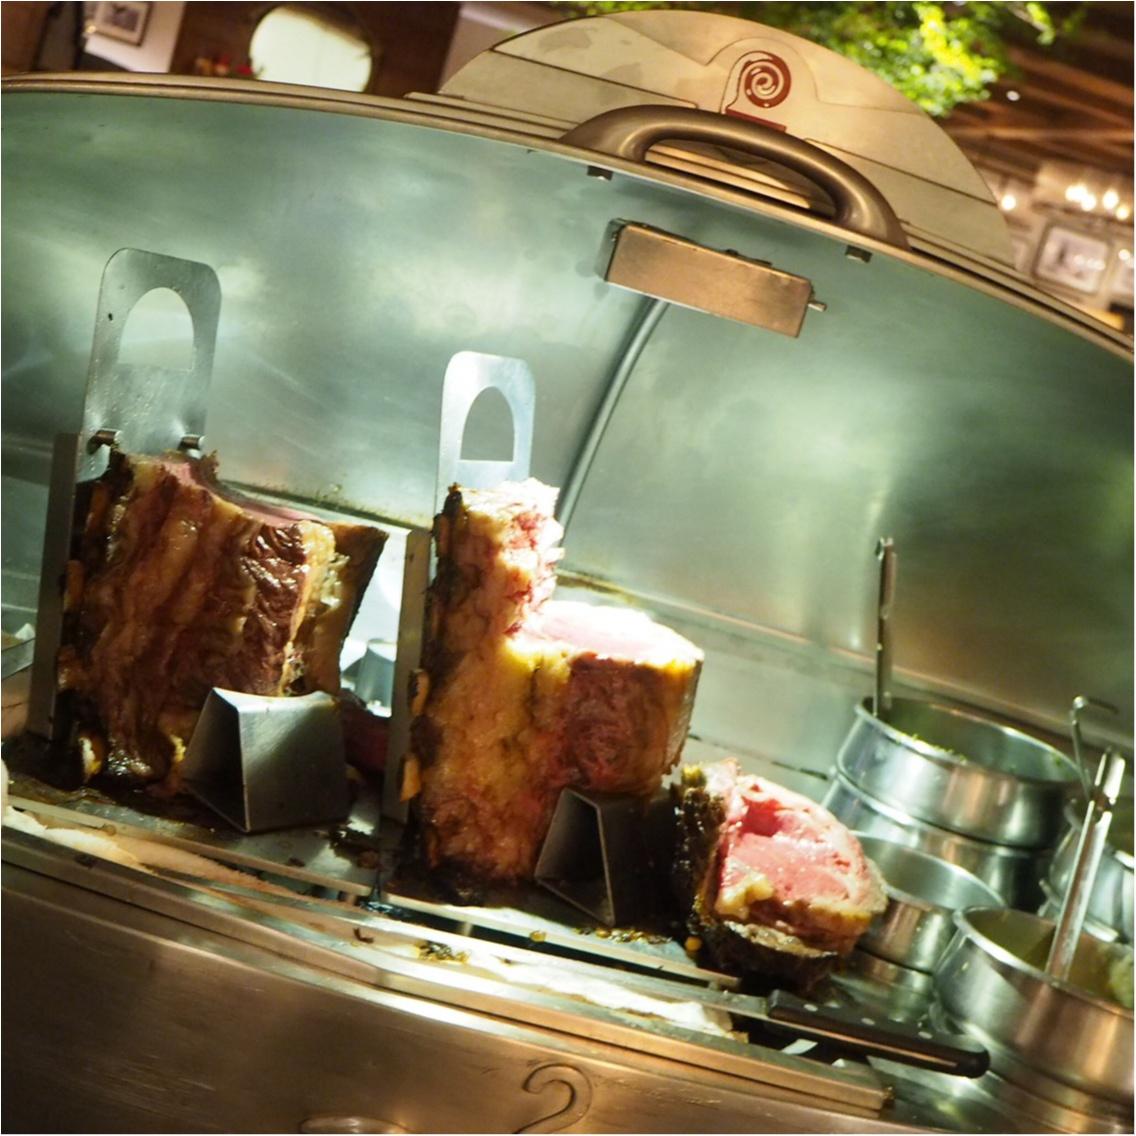 お肉大好き♡野菜大好き♡恵比寿ガーデンプレイスで素敵なランチ時間を過ごしました♪_6